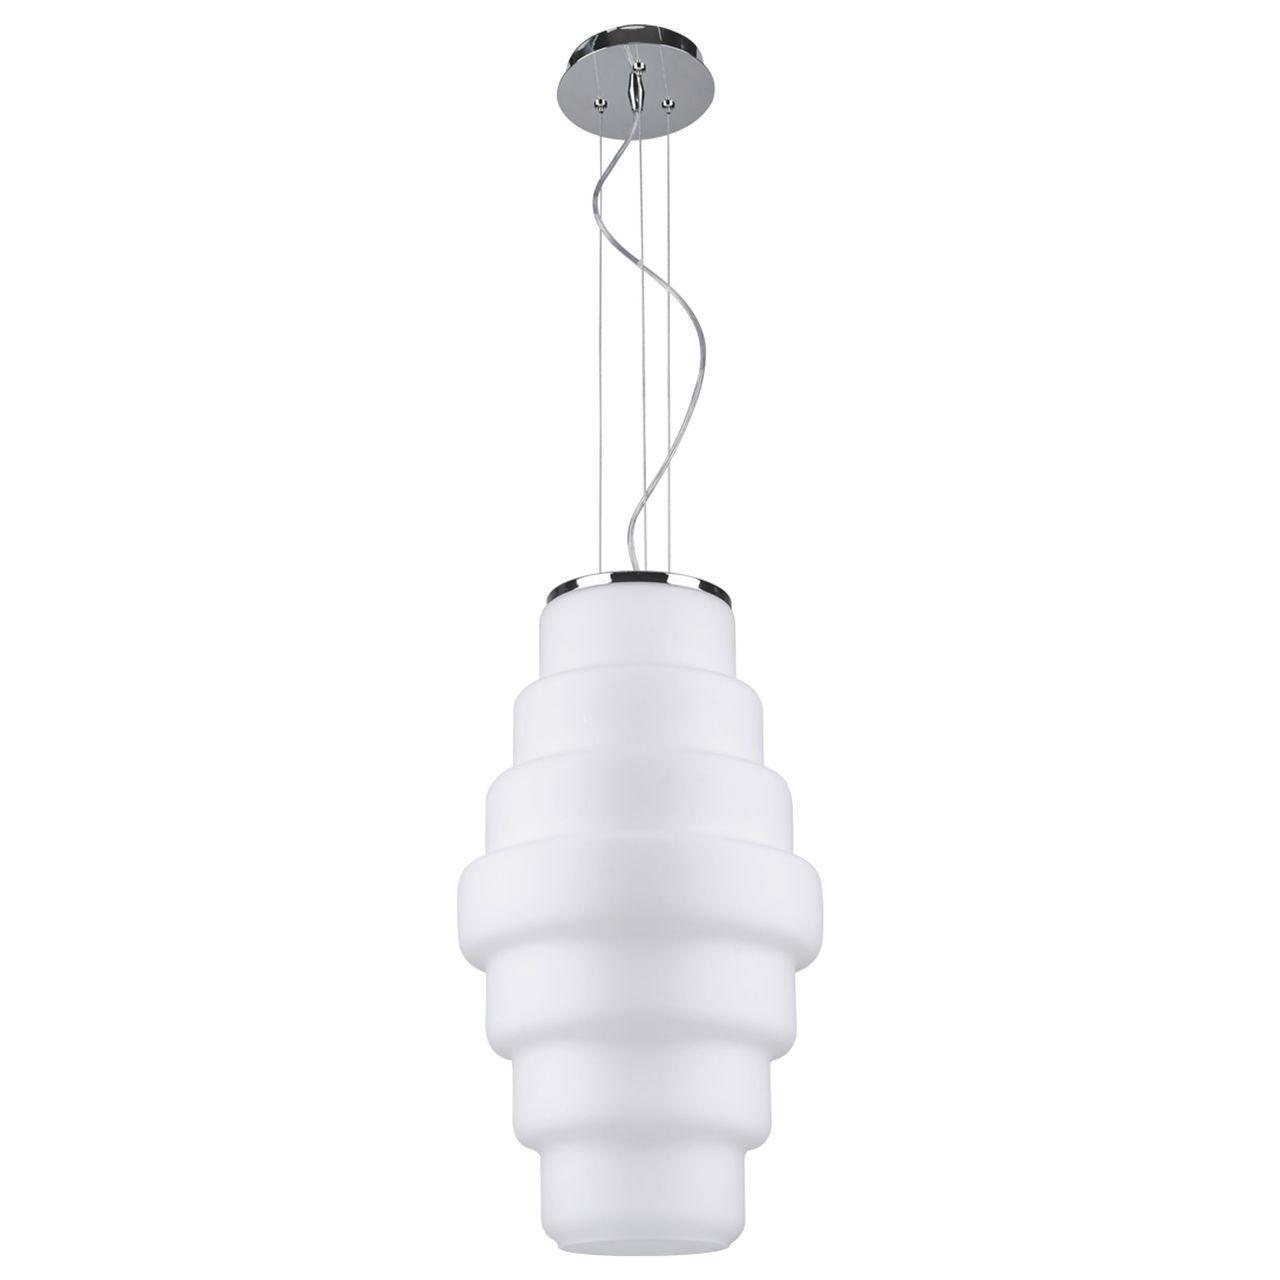 Подвесной светильник Spot Light Britt 1670128 подвесной светильник spot light bosco 1711170